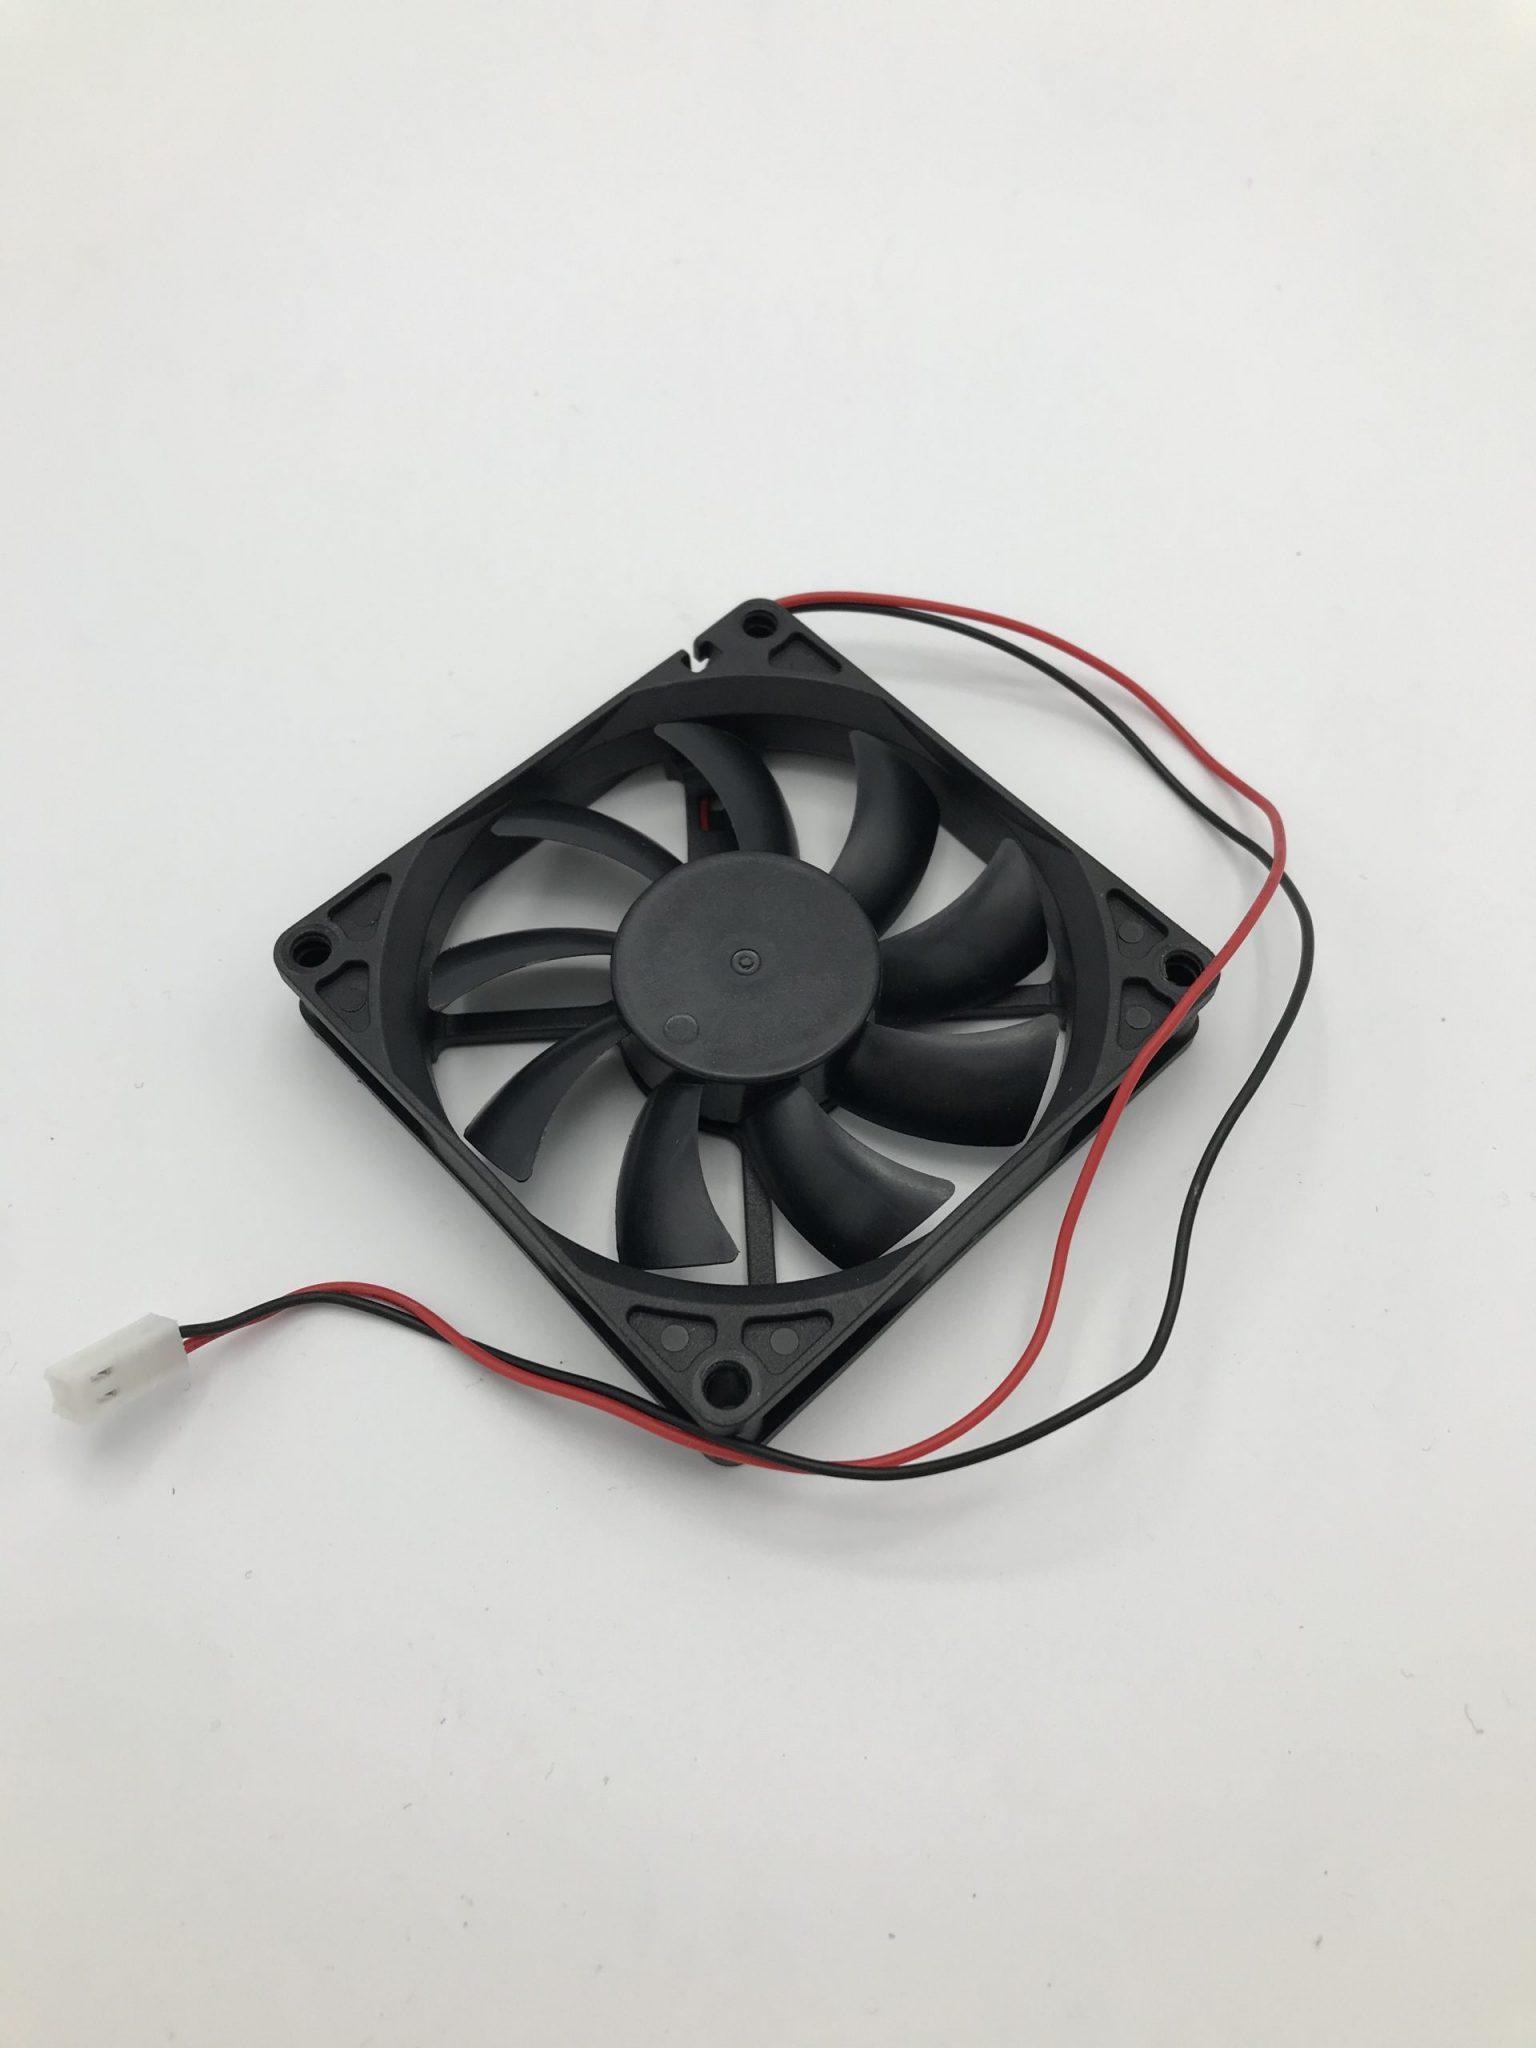 Phrozen Fan 8015